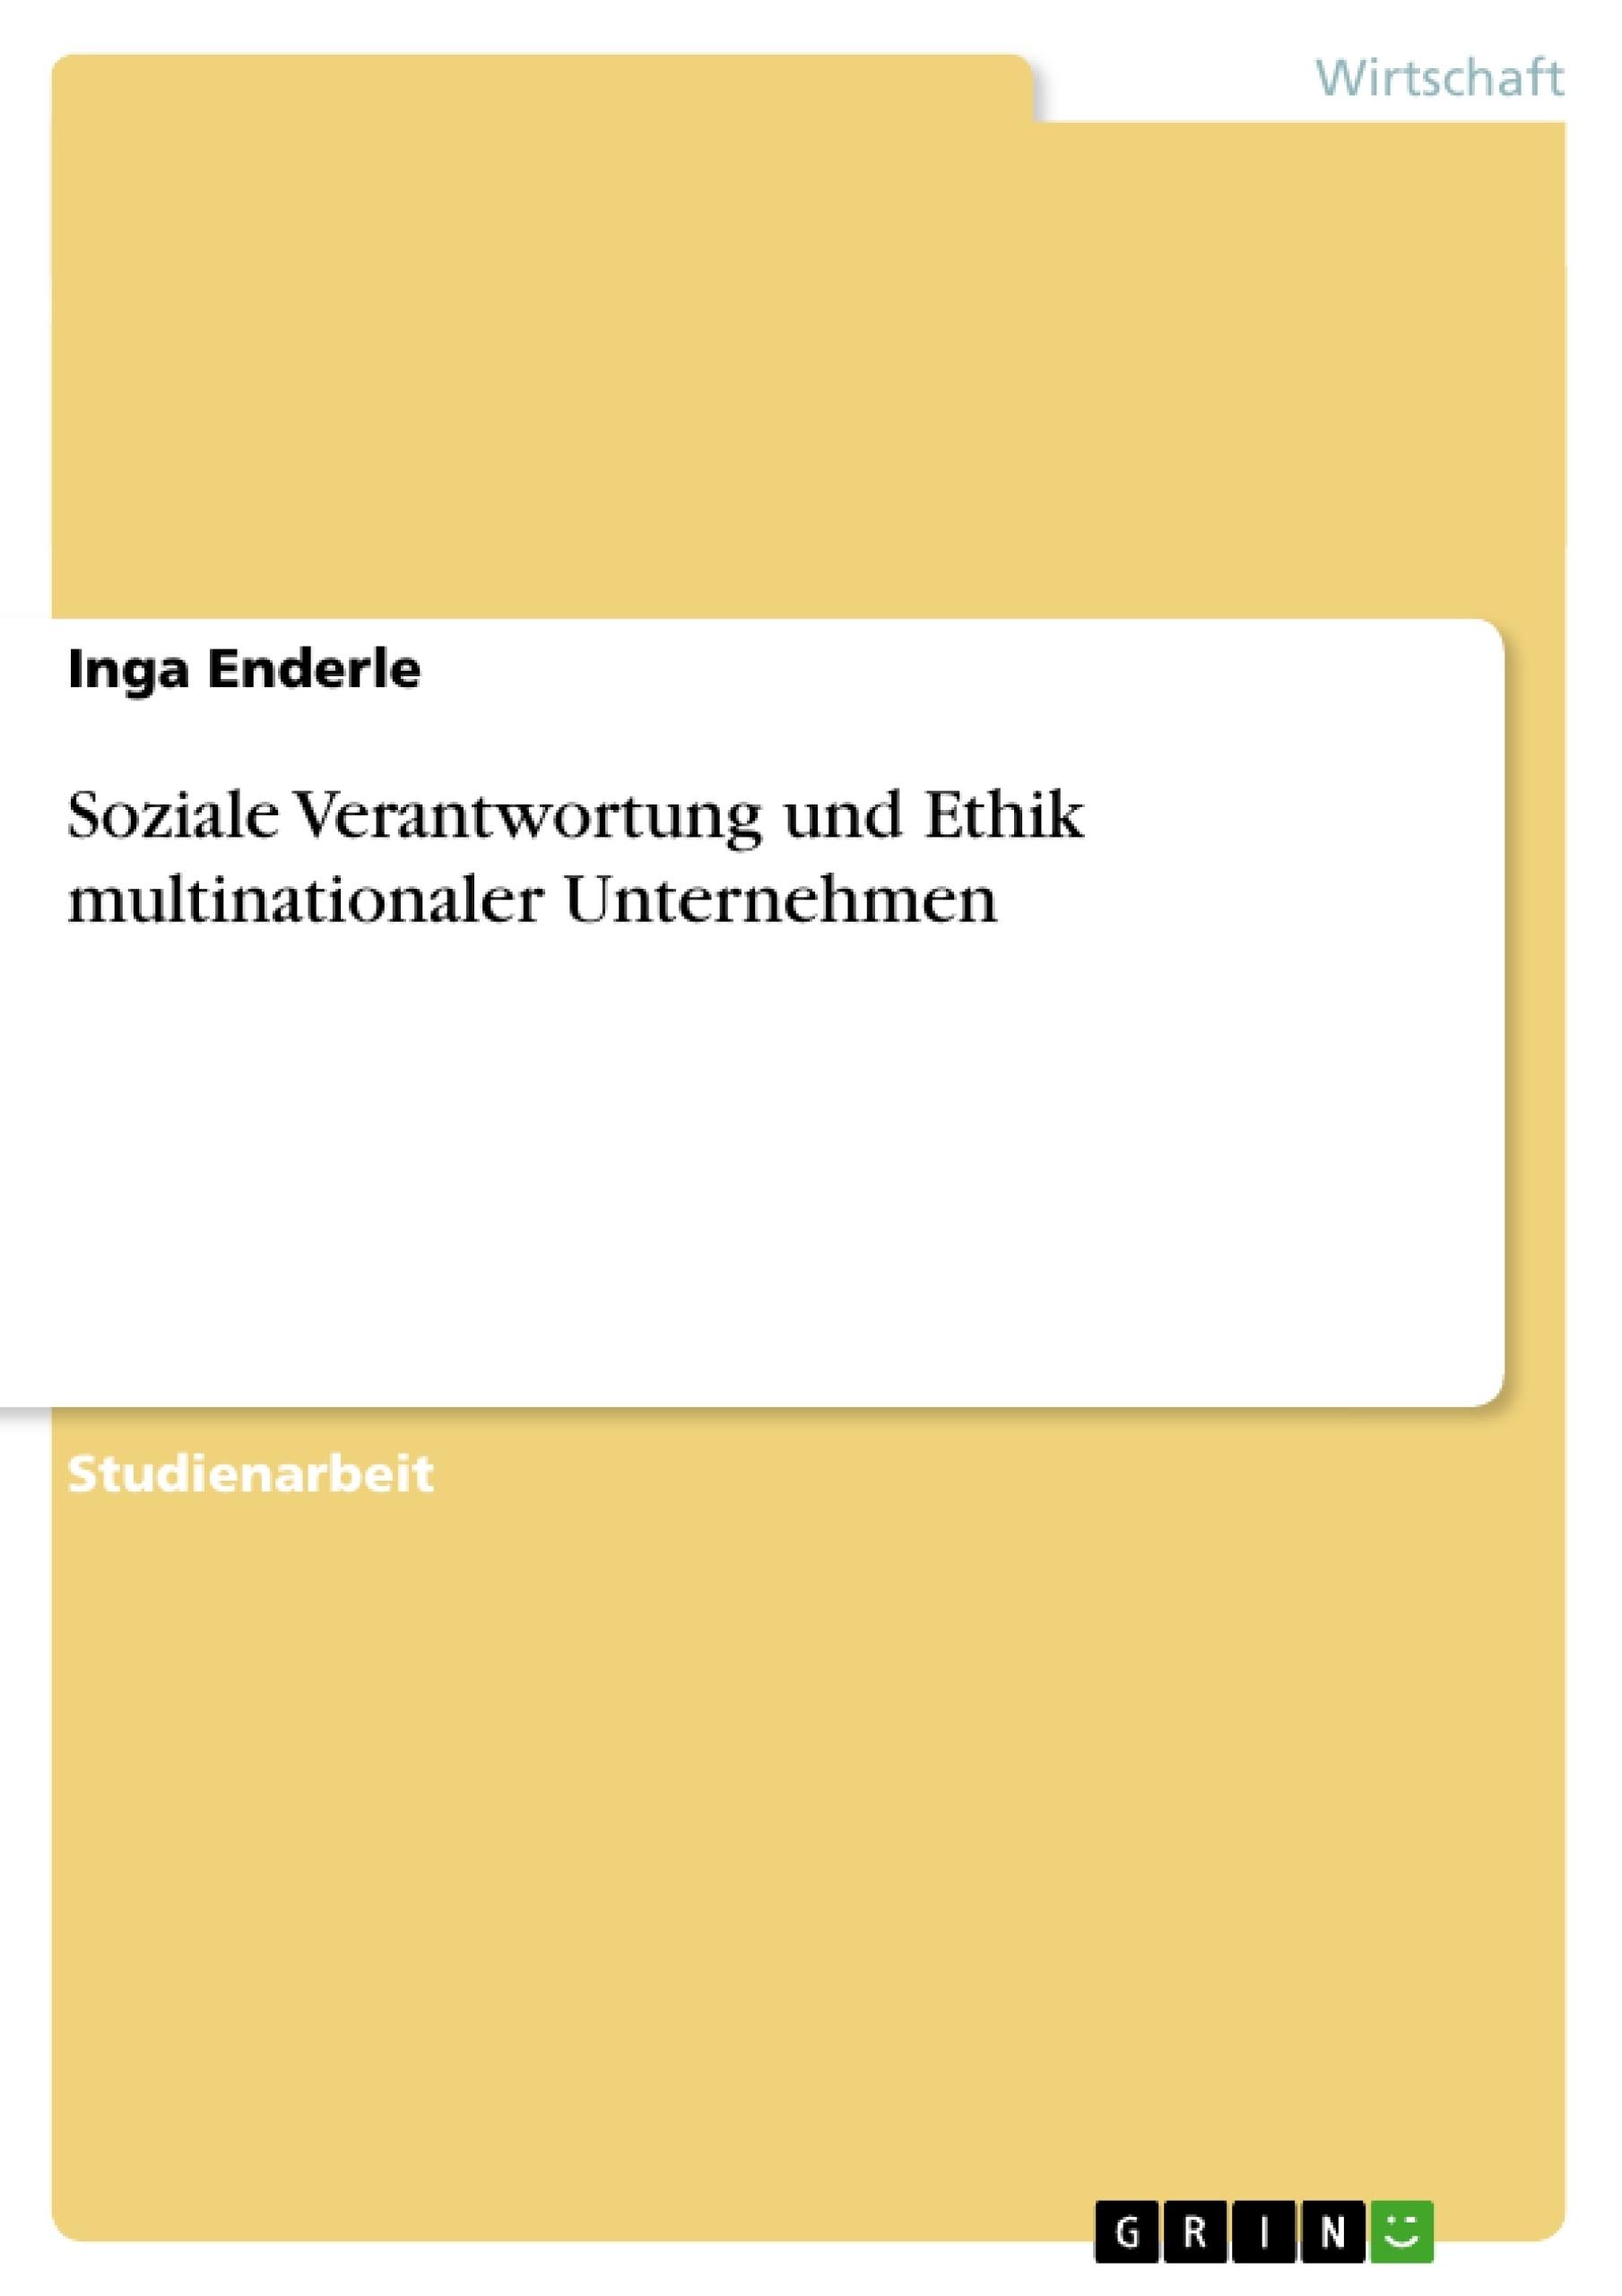 Titel: Soziale Verantwortung und Ethik multinationaler Unternehmen